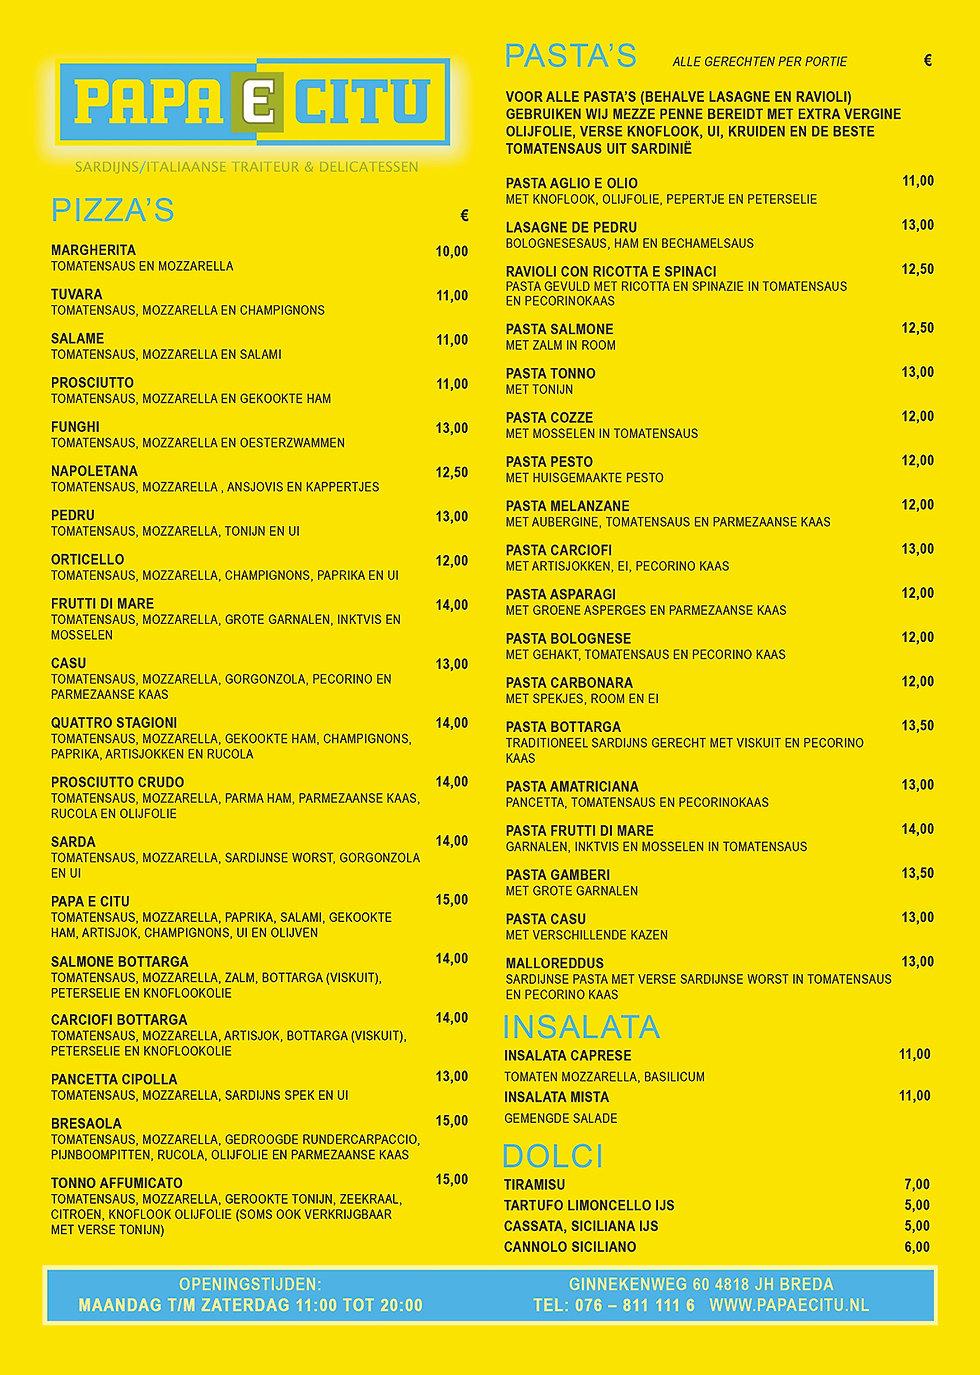 werb-menukaart-PeC-mei2021-pizzapasta.jp